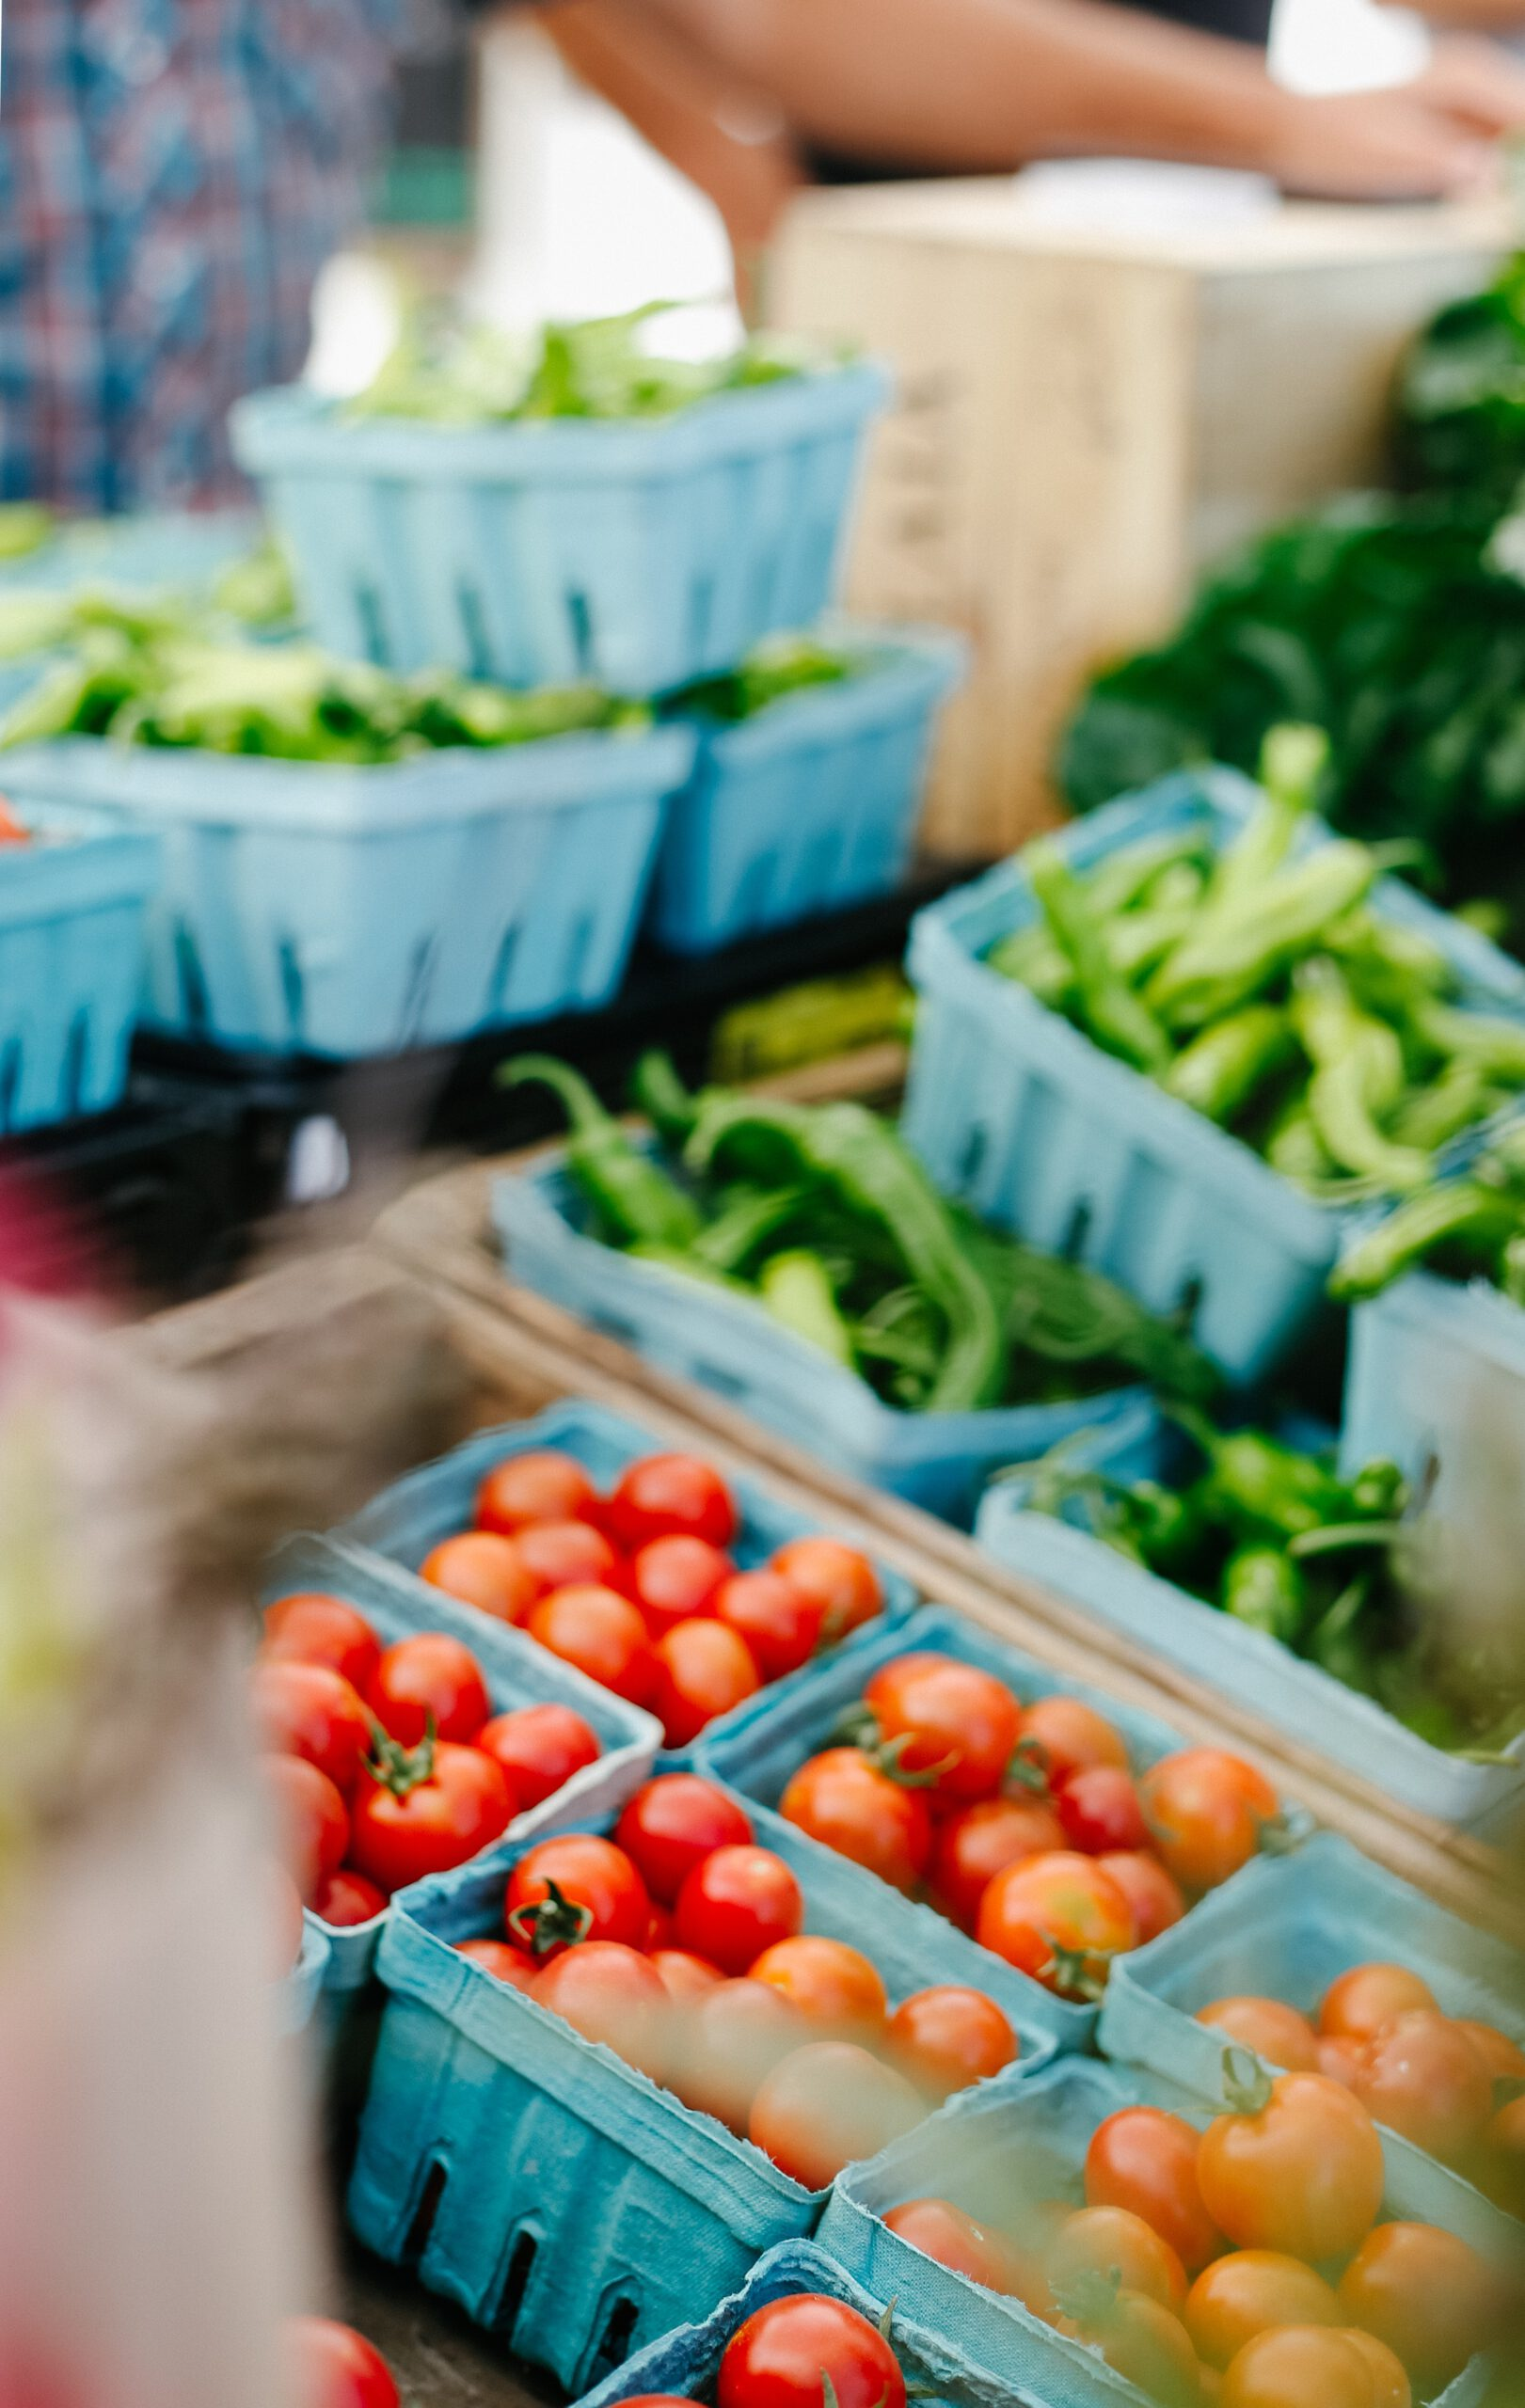 wat te doen in rotterdam - rotterdamse markt - hotspots rotterdam - activiteiten in rotterdam